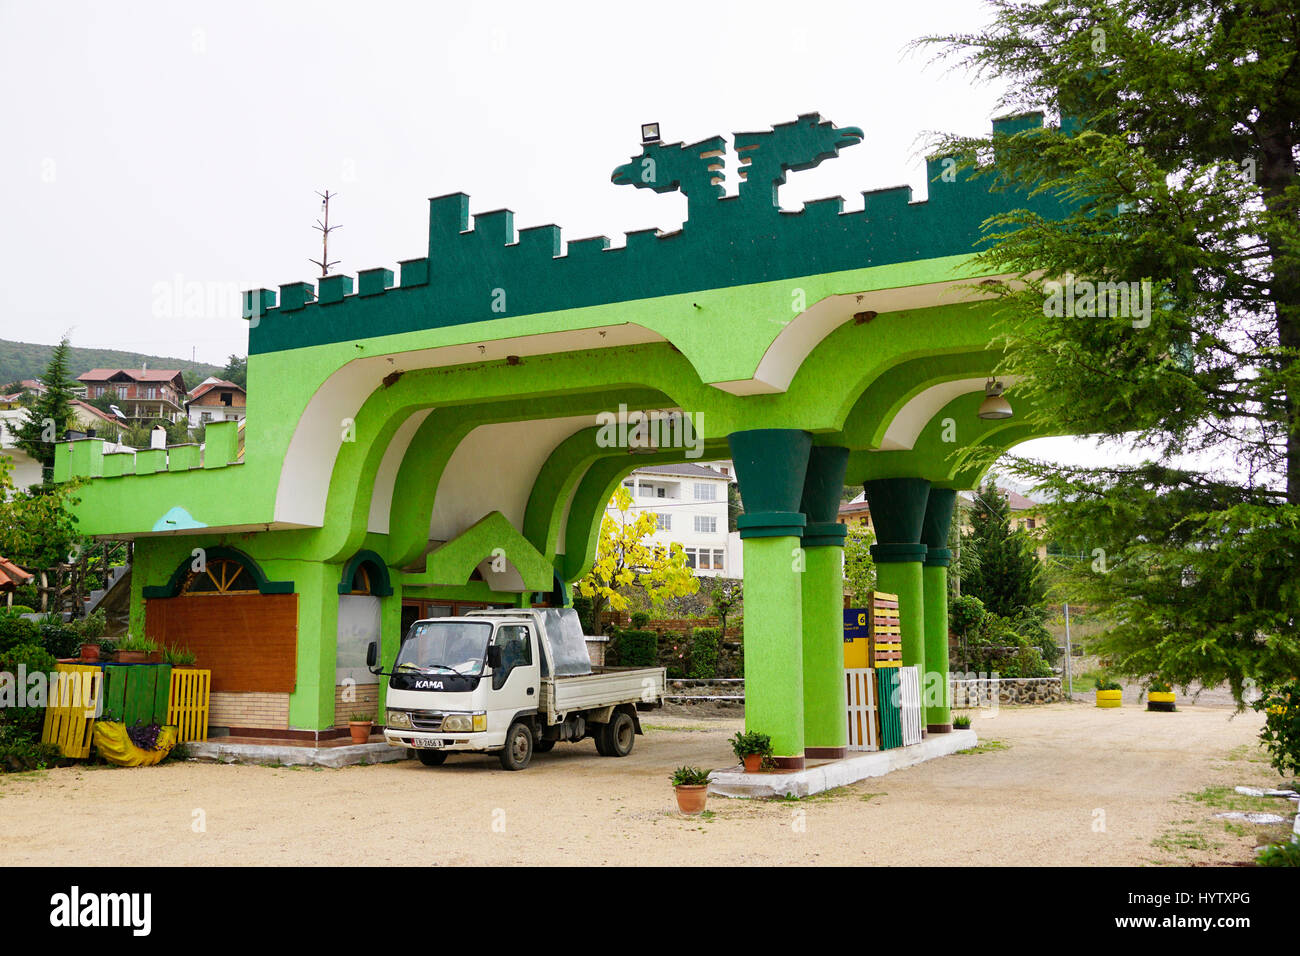 Architettura unica di stazione di gas in Albania. Immagini Stock